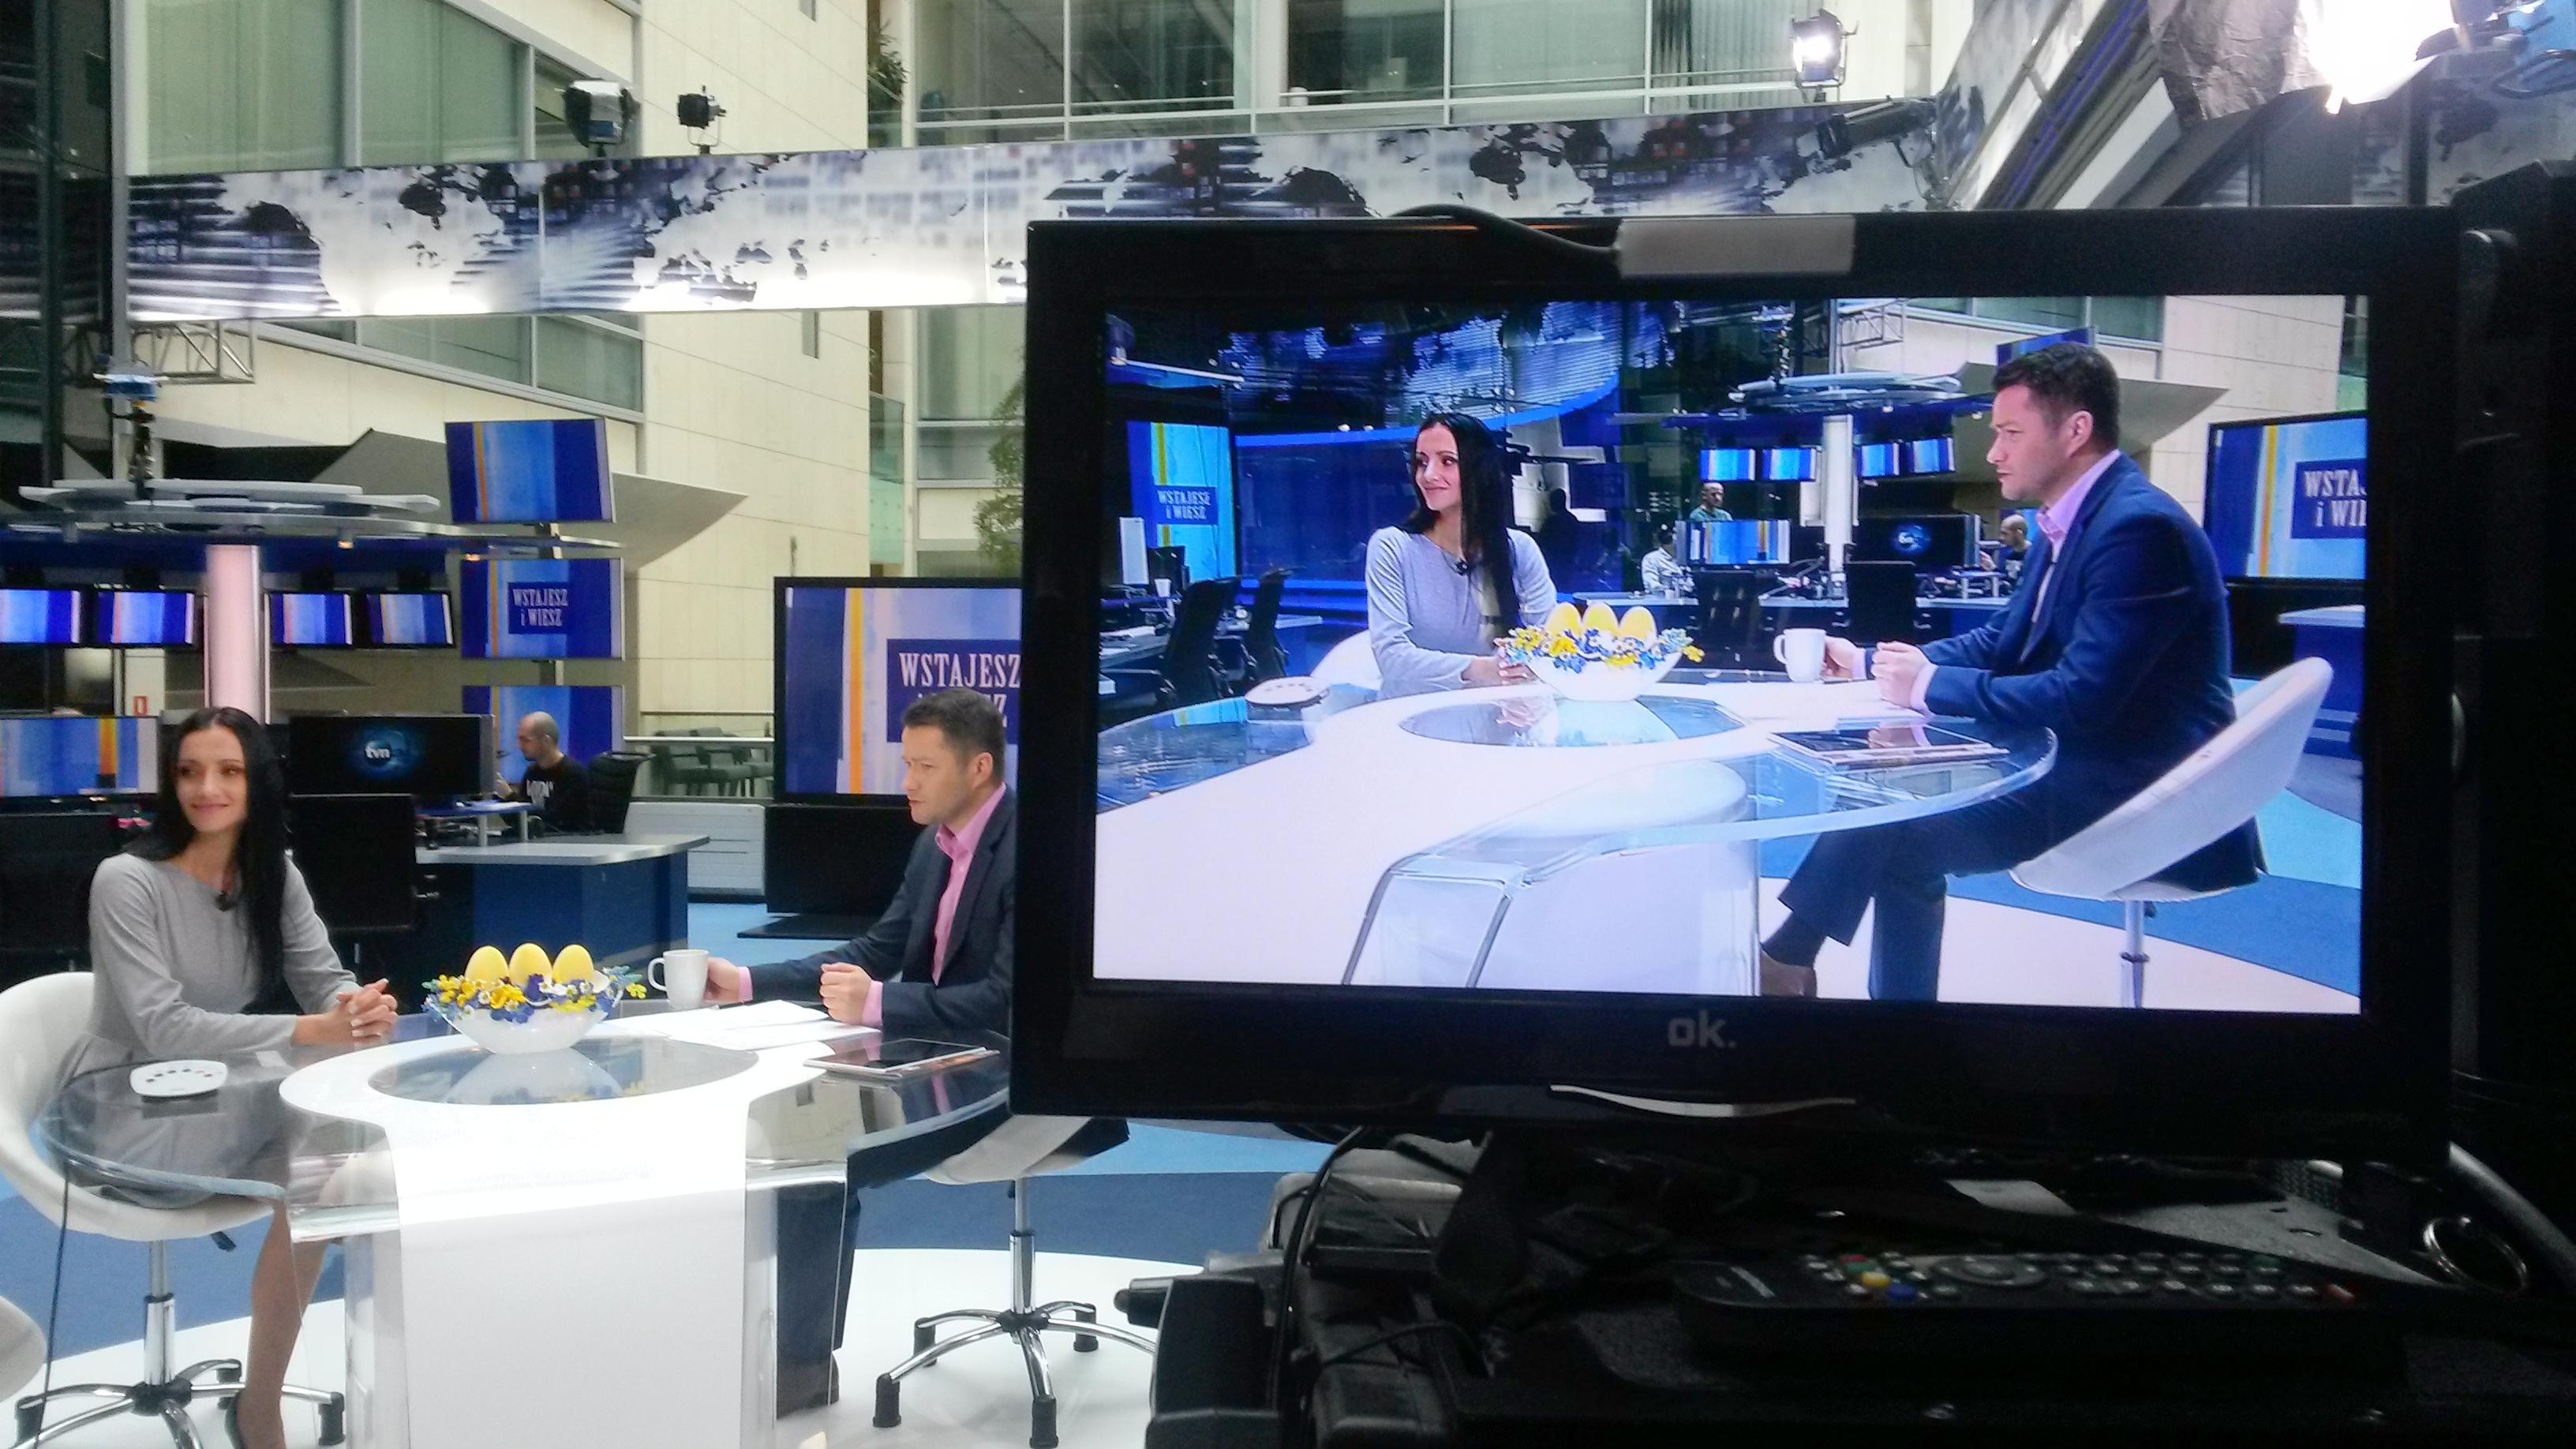 20150406 084144 Kolejna wizyta w studiu tvn24!